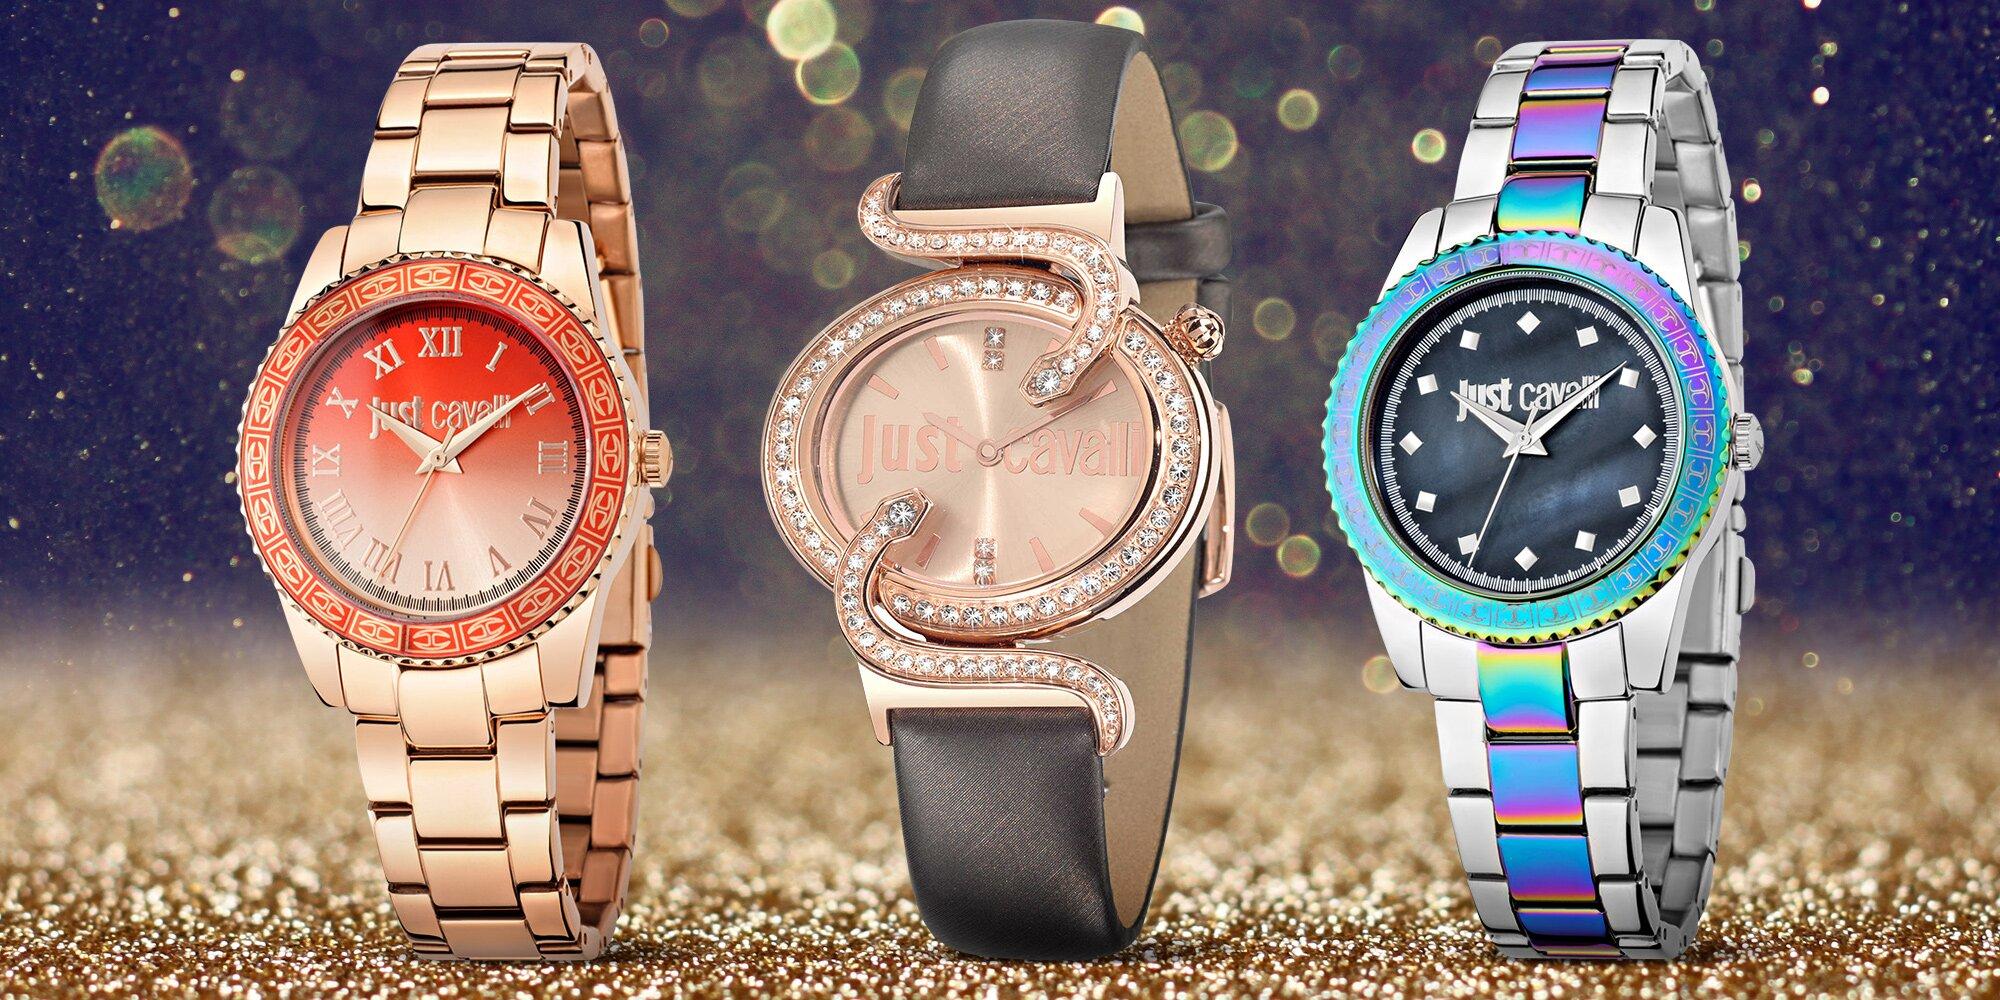 Dámské hodinky Just Cavalli se známkou luxusu  edaa308e76